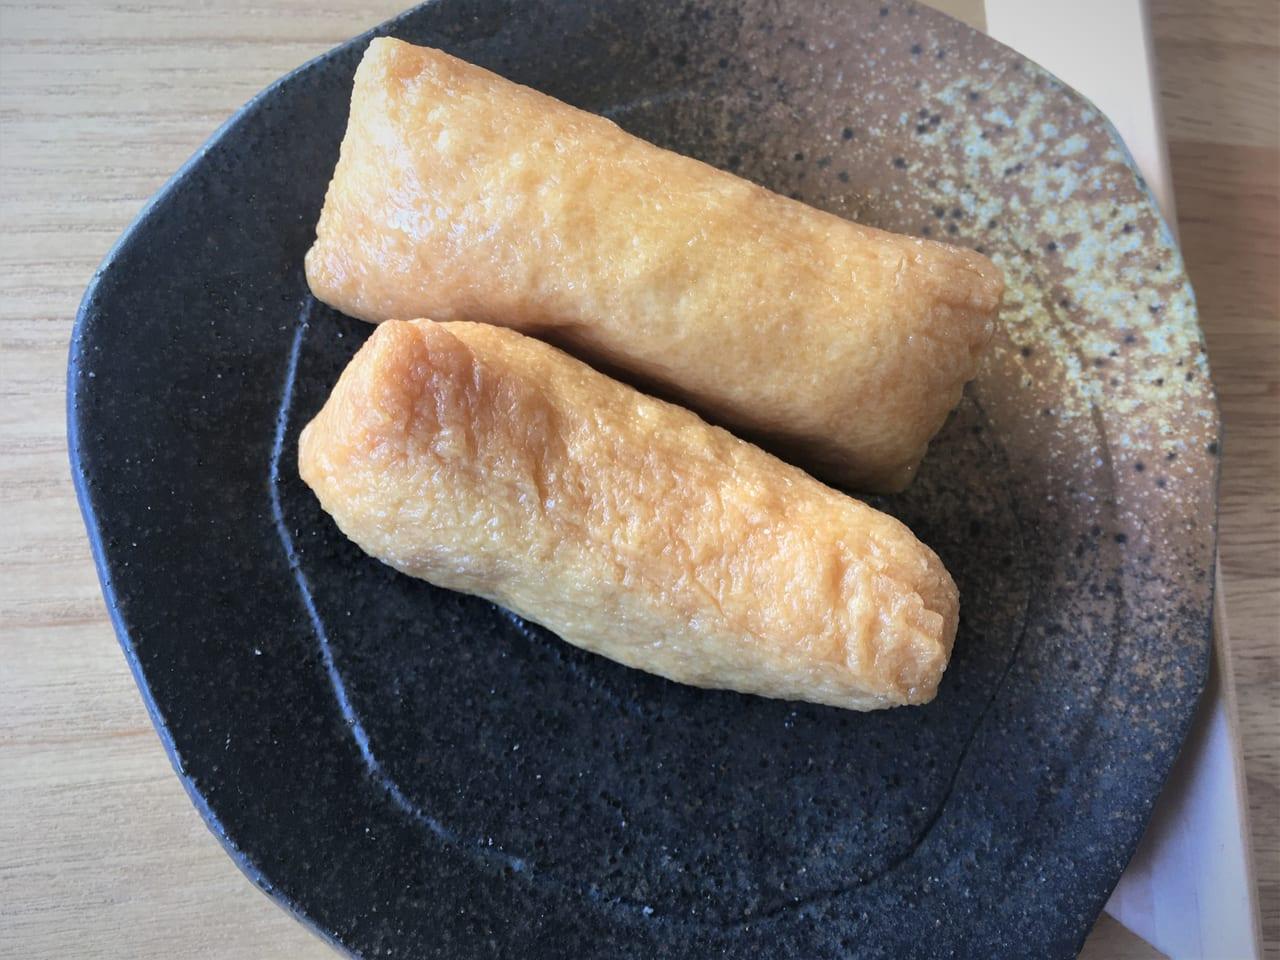 まさか!?寿司職人がラーメン!「これだ!!製麺」のいなりずし